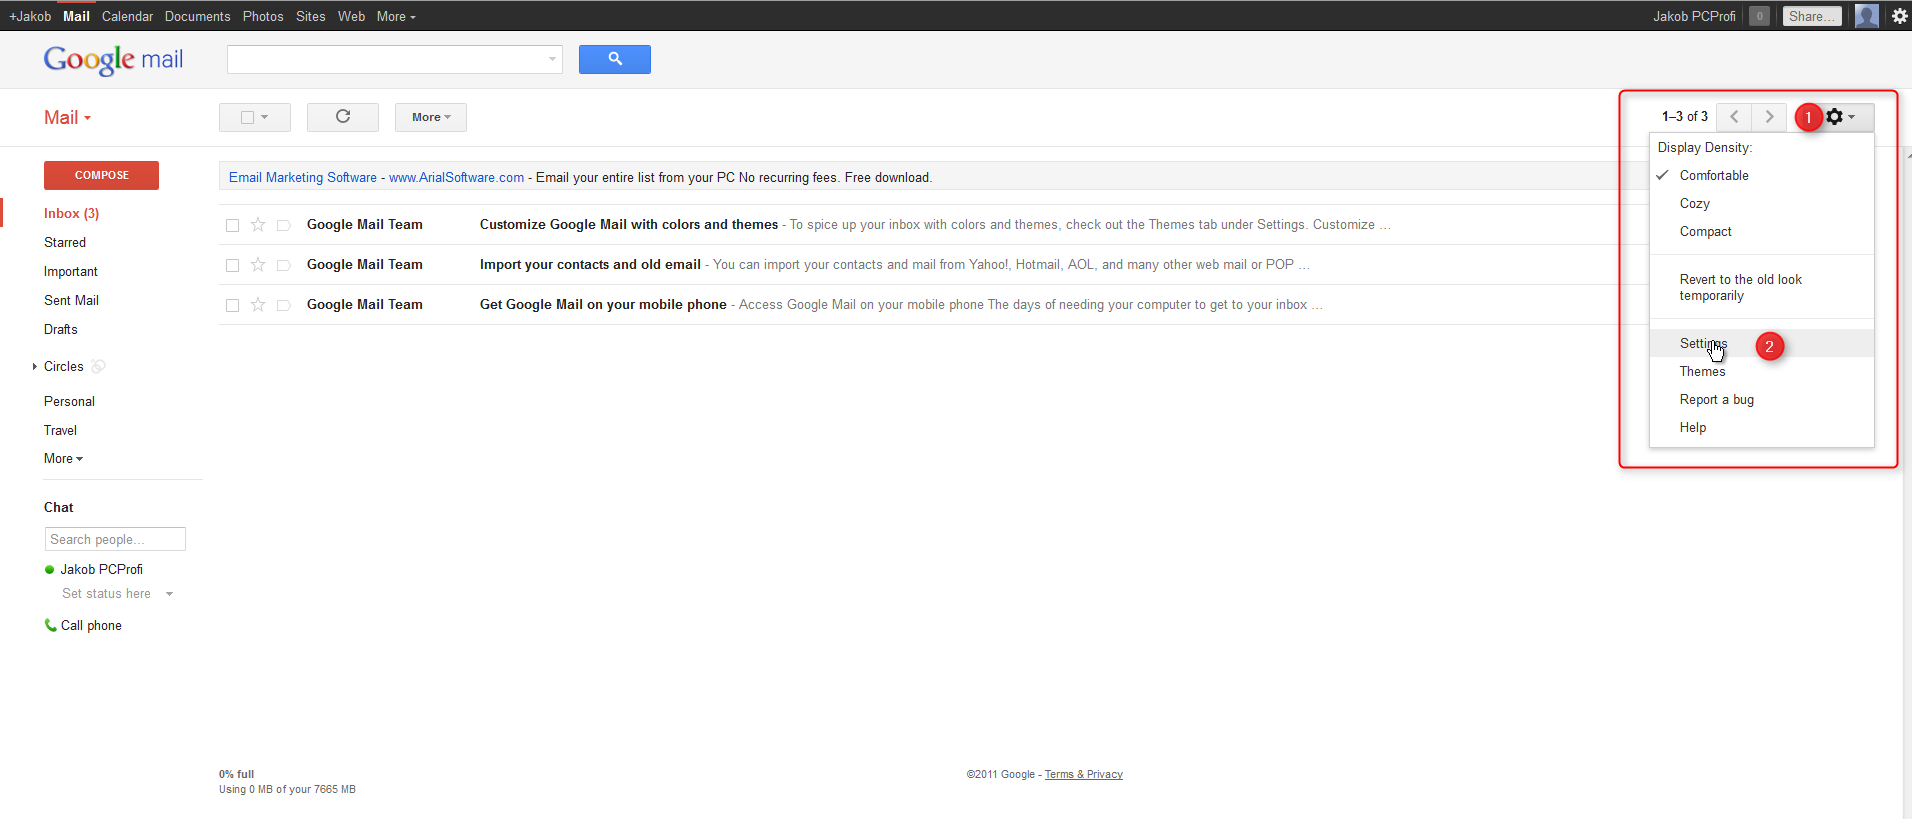 09-Ein-kostenloses-E-Mail-Konto-bei-Google-eroeffnen-mit-Video-passwort-470.png?nocache=1325851166018